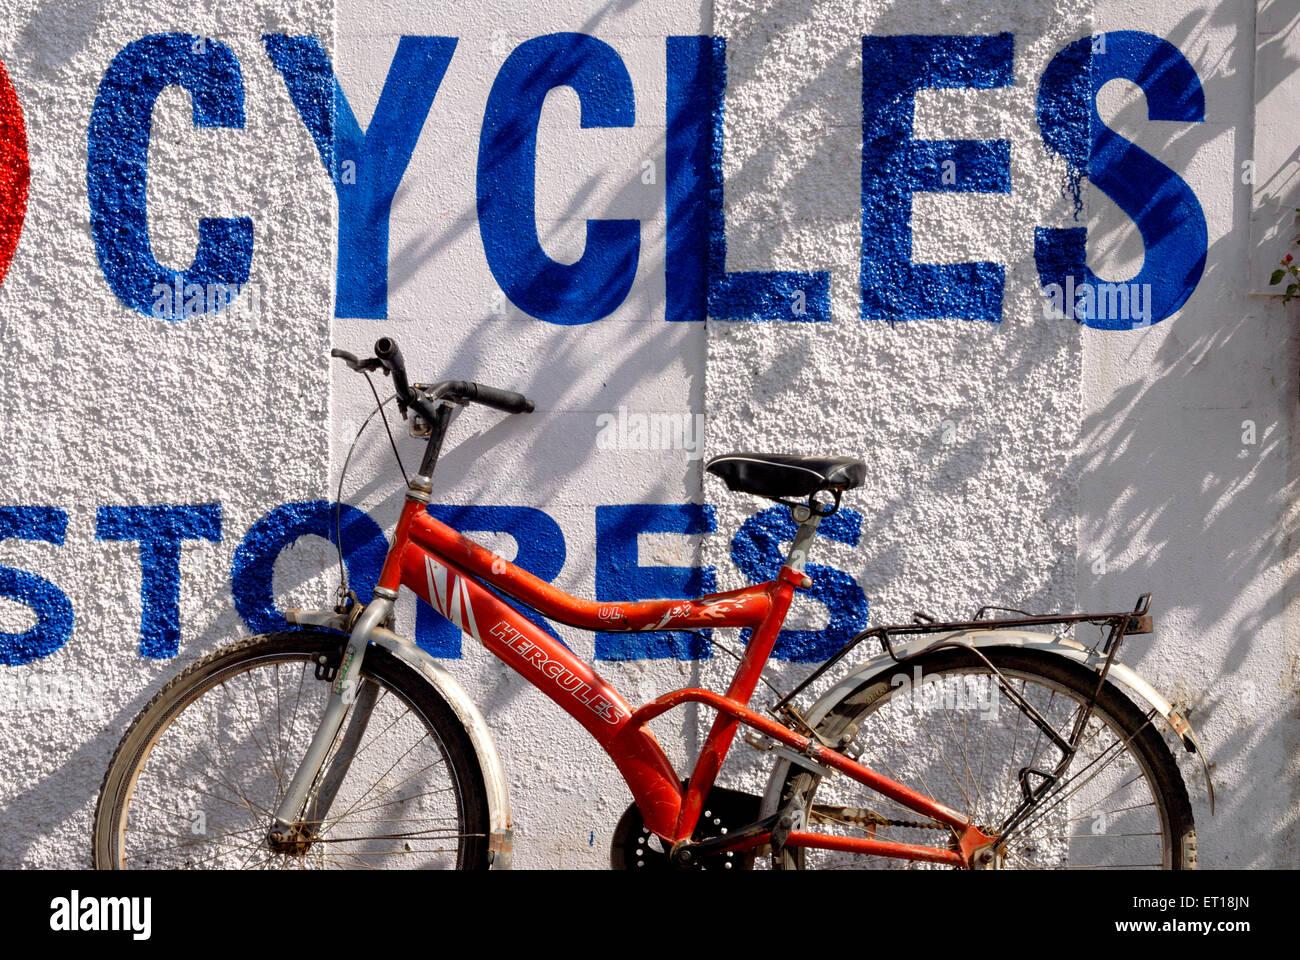 Bicicletta con graphic design ; Devlali ; Maharashtra ; India Novembre 2008 Immagini Stock